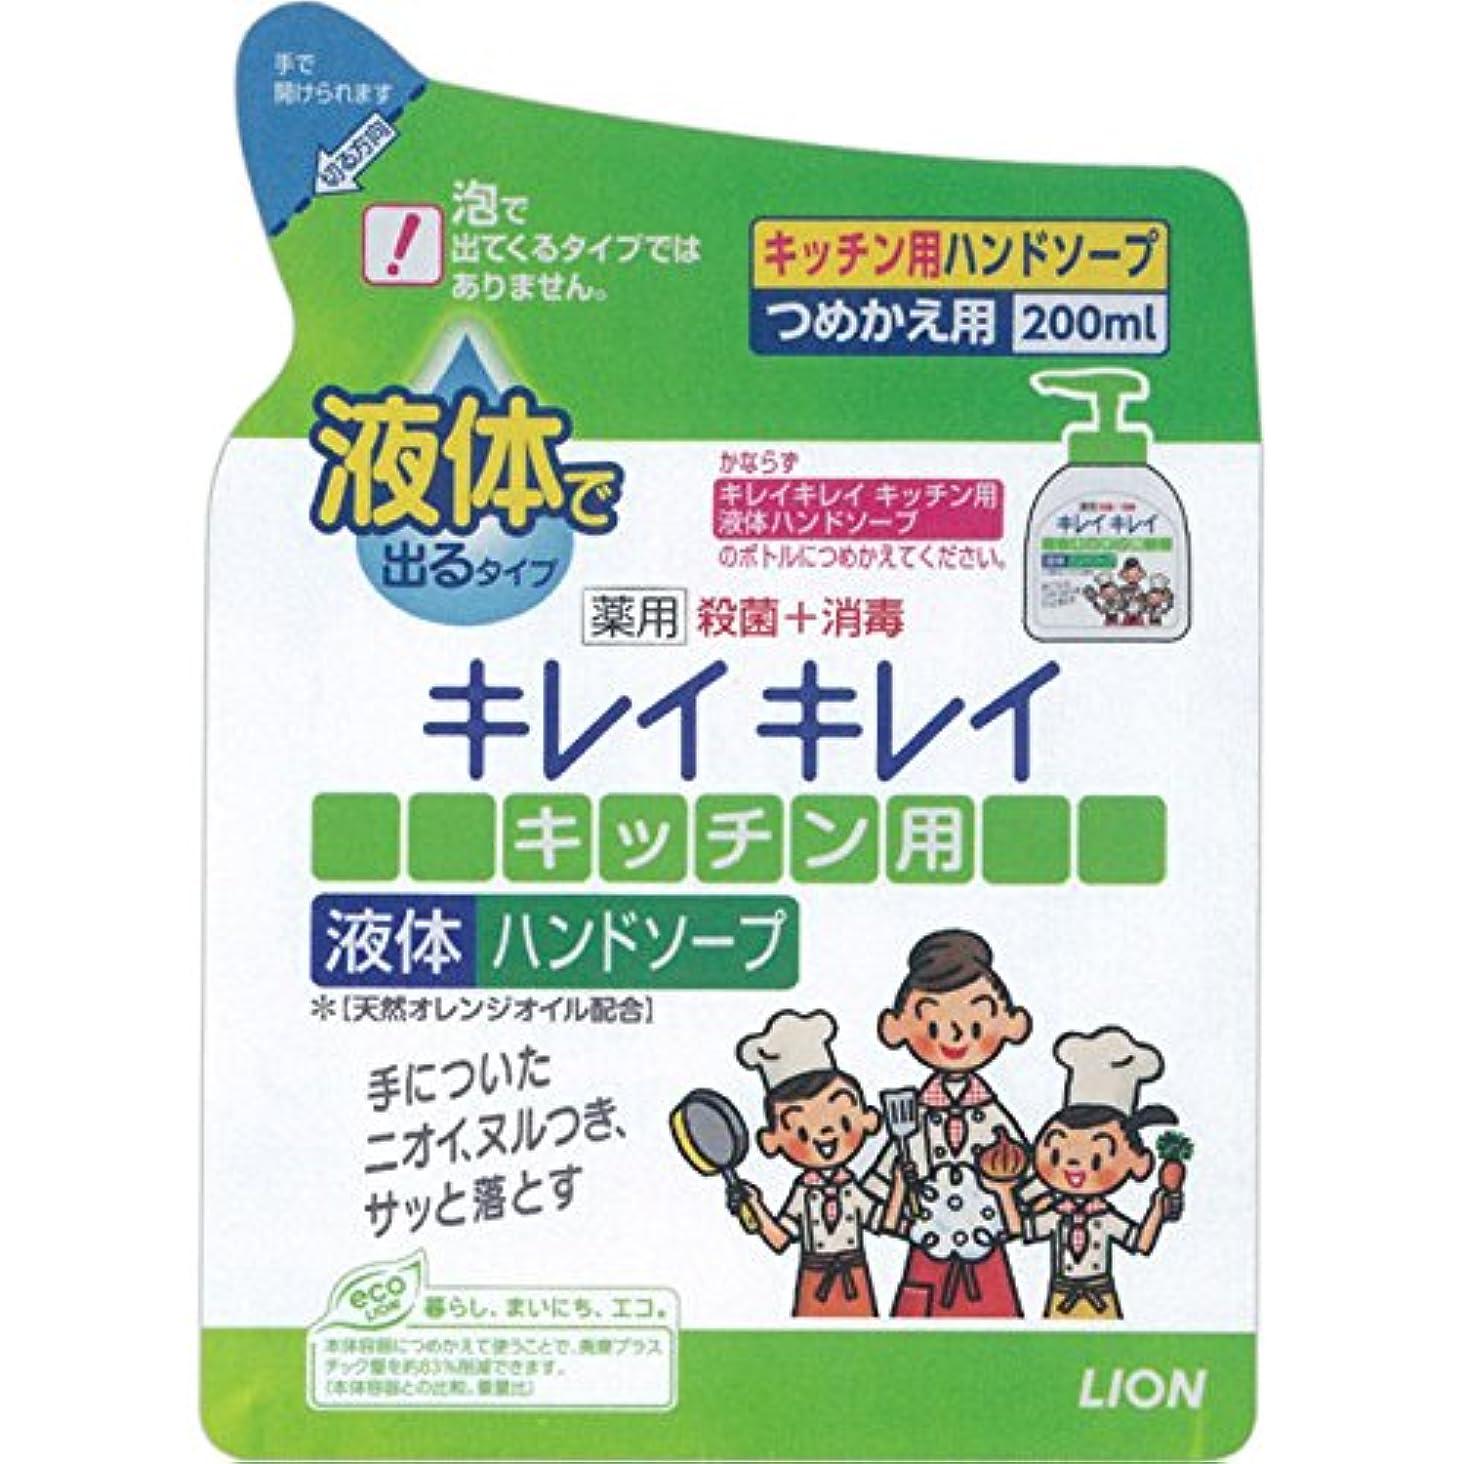 艶該当する促すキレイキレイ 薬用キッチンハンドソープ 詰替用200ml